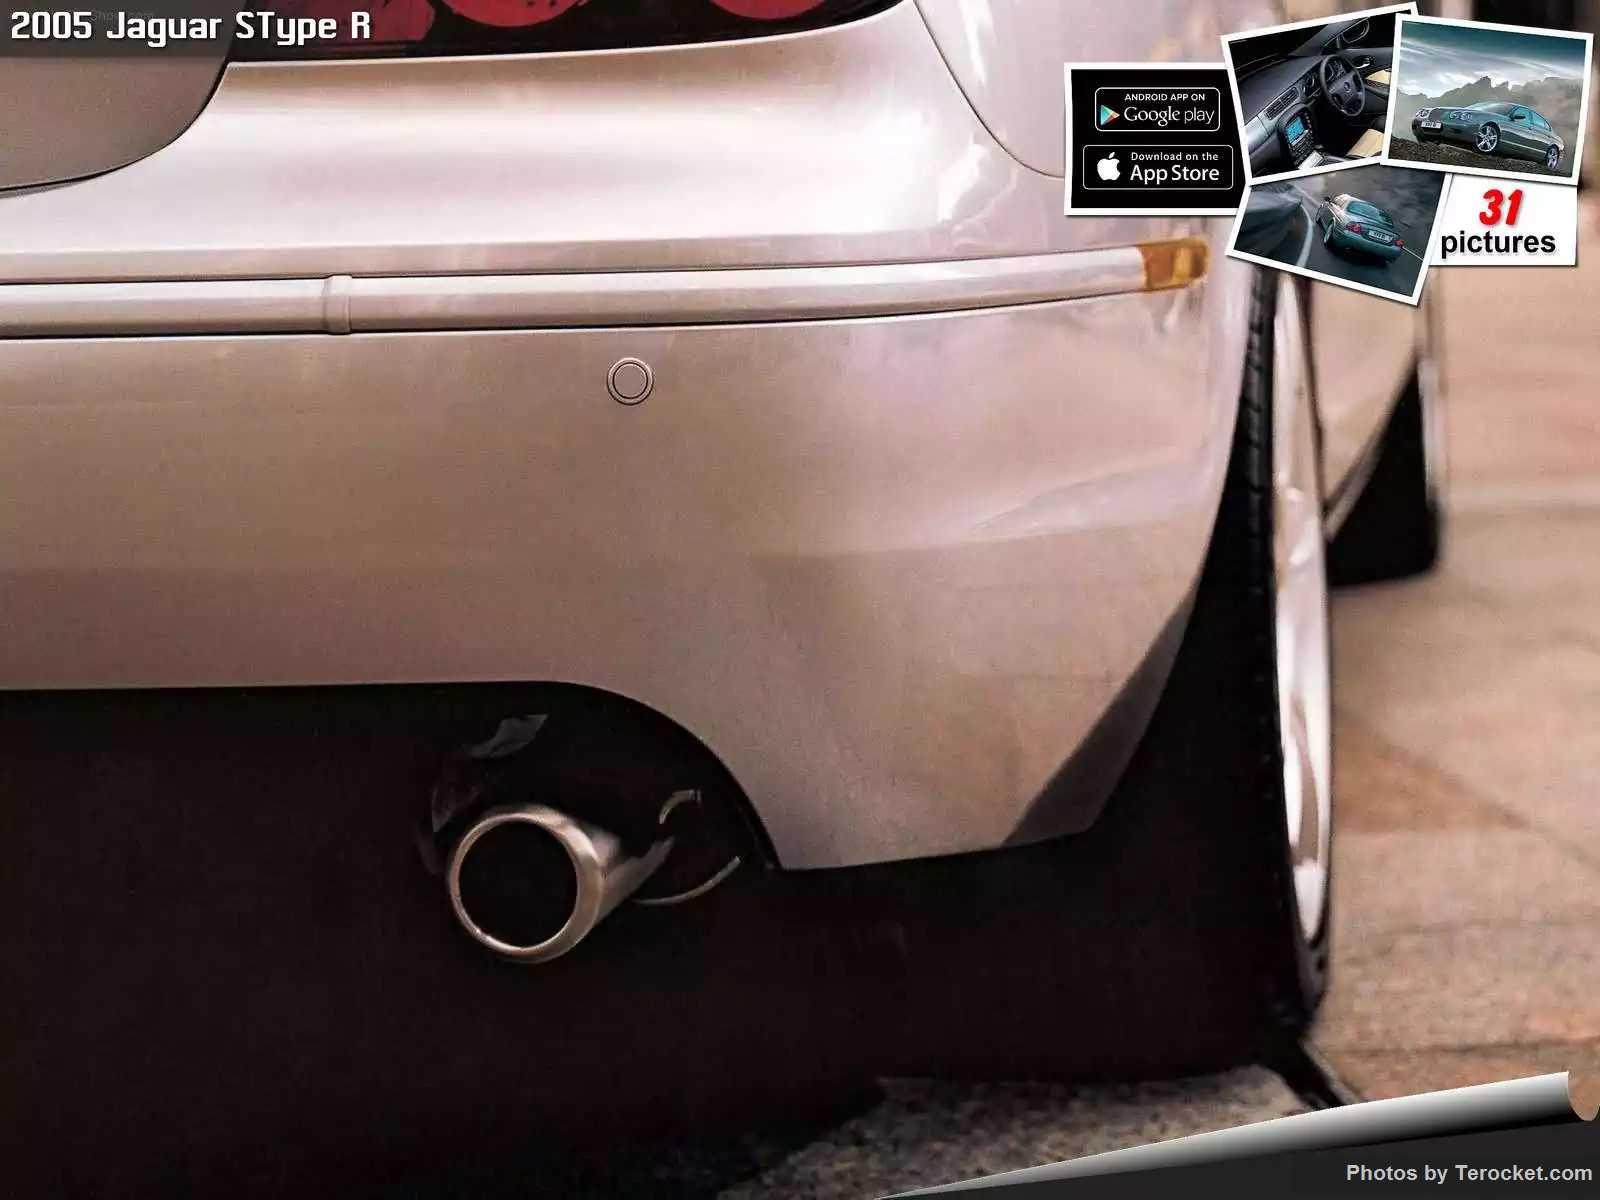 Hình ảnh xe ô tô Jaguar SType R 2005 & nội ngoại thất